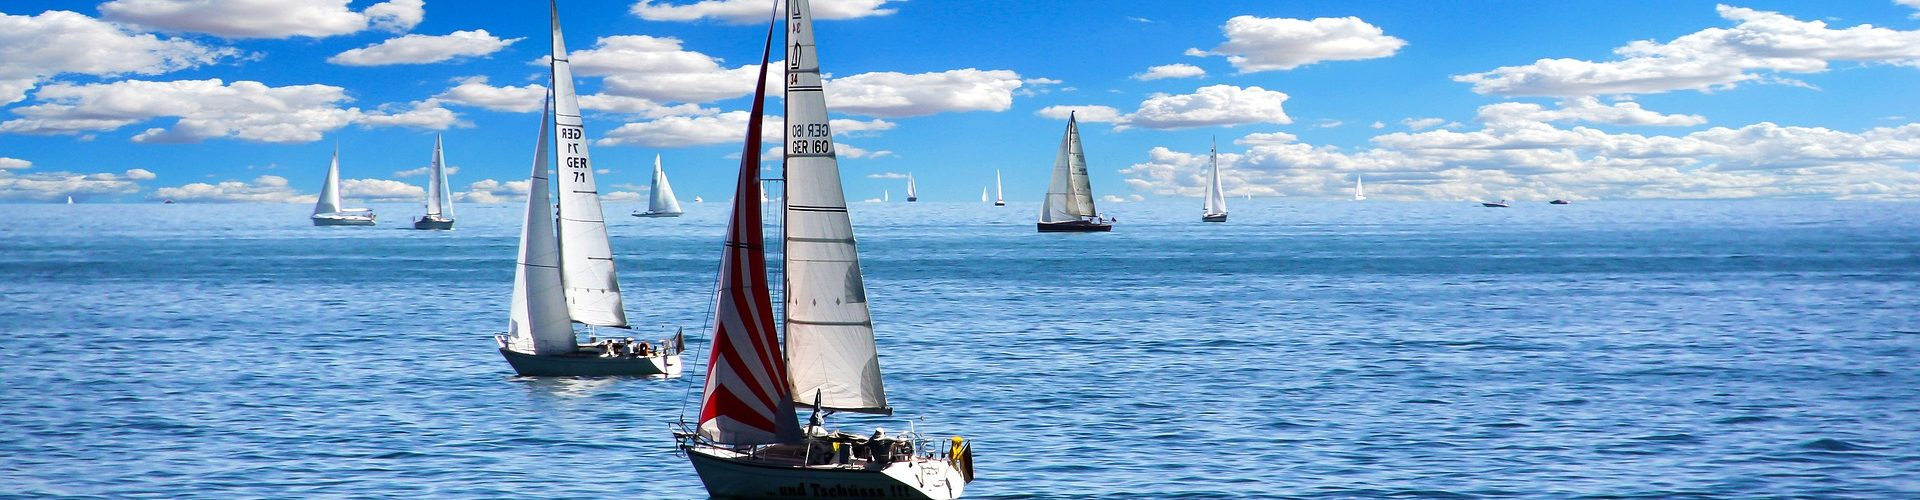 segeln lernen in Unterföhring segelschein machen in Unterföhring 1920x500 - Segeln lernen in Unterföhring